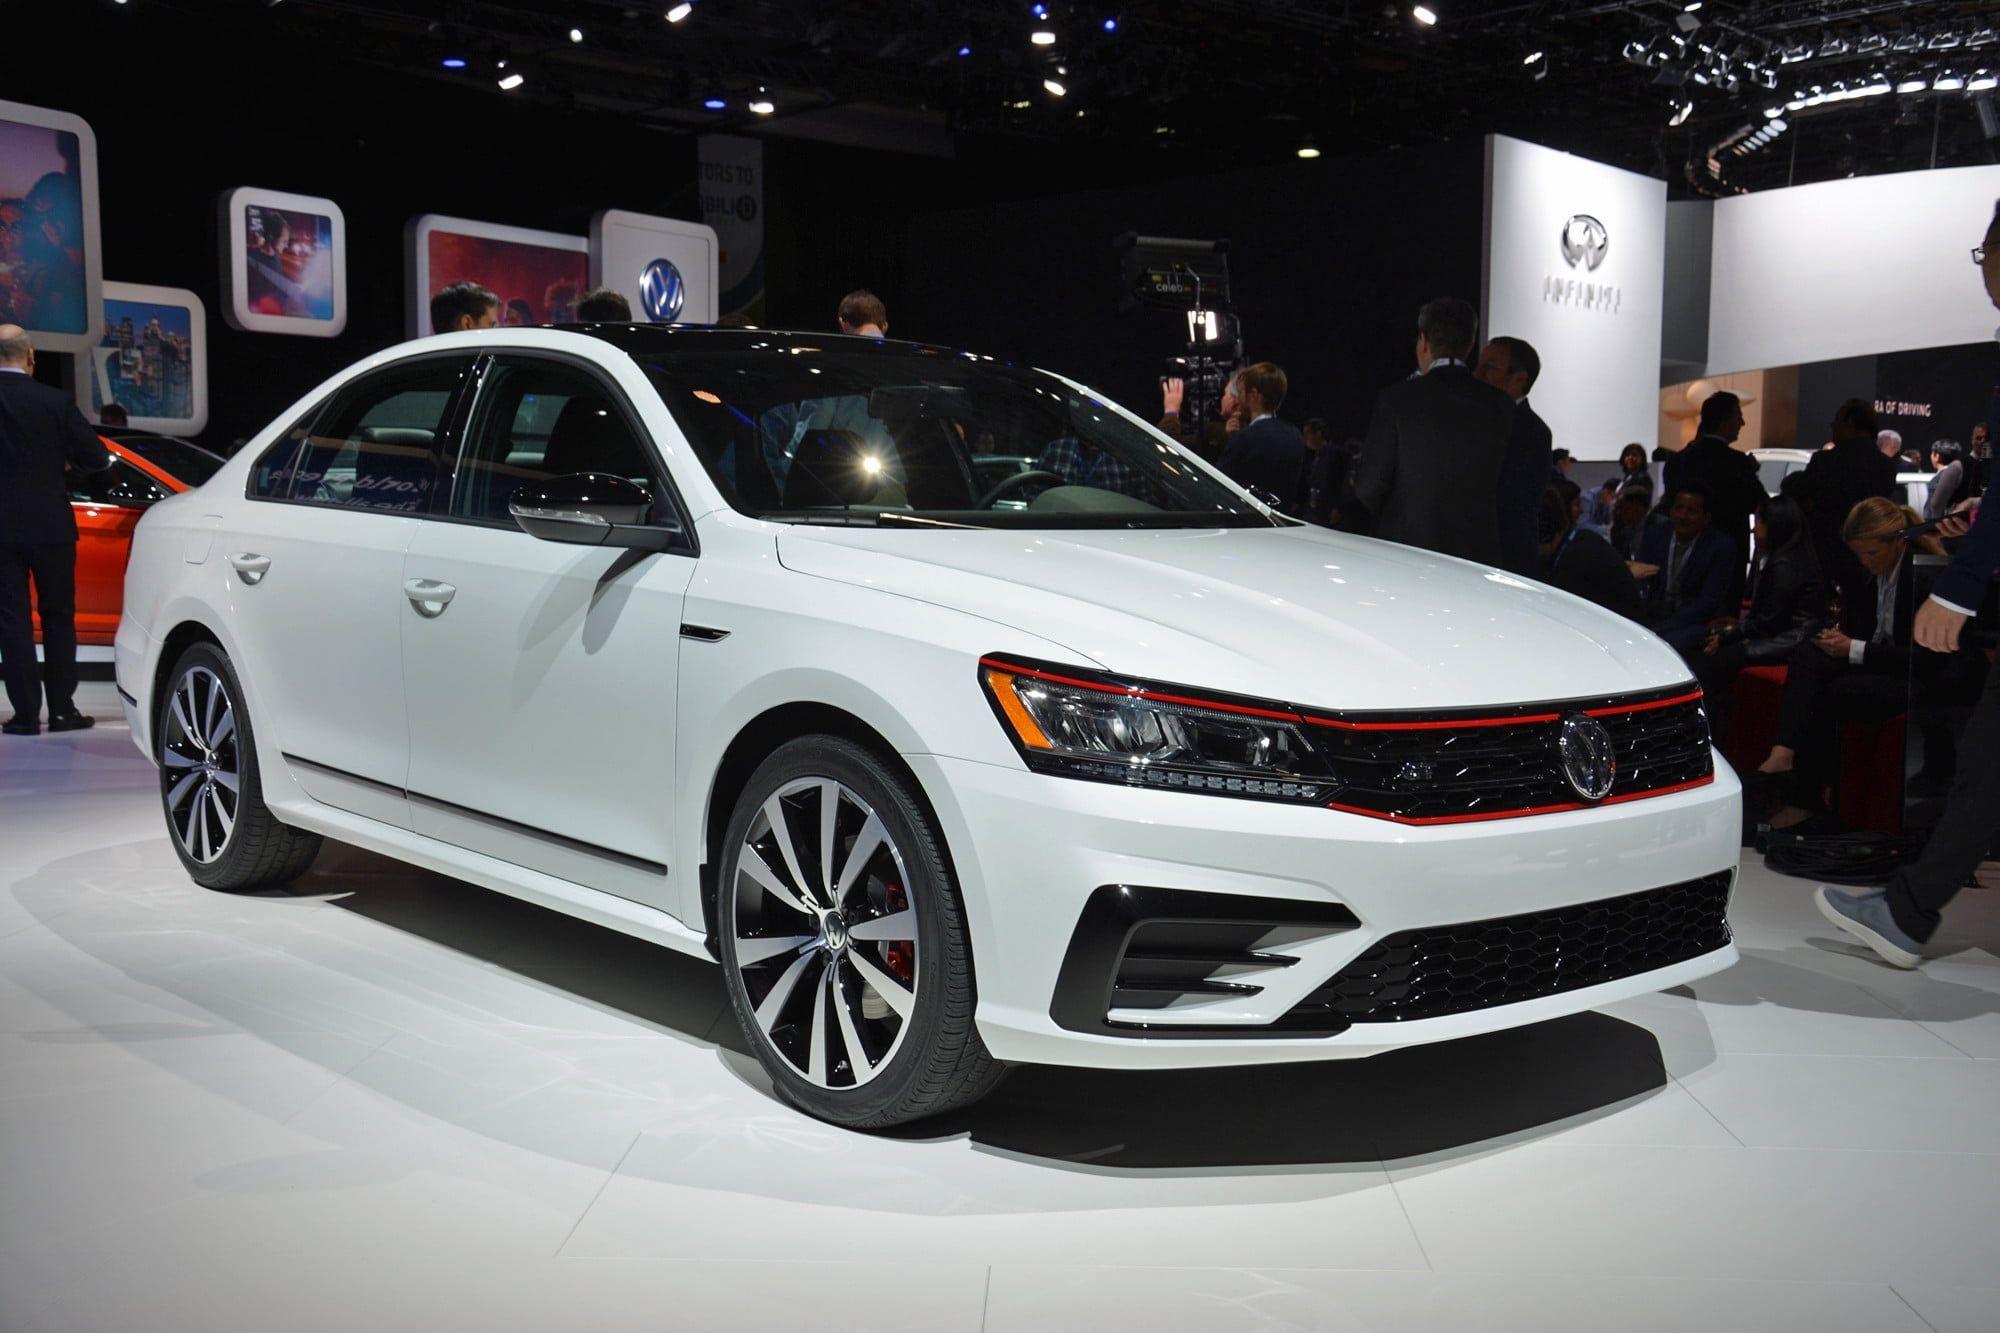 New 2020 Volkswagen Passat Tdi Exterior And Interior Review Cars Review 2019 Volkswagen Vw Passat Car